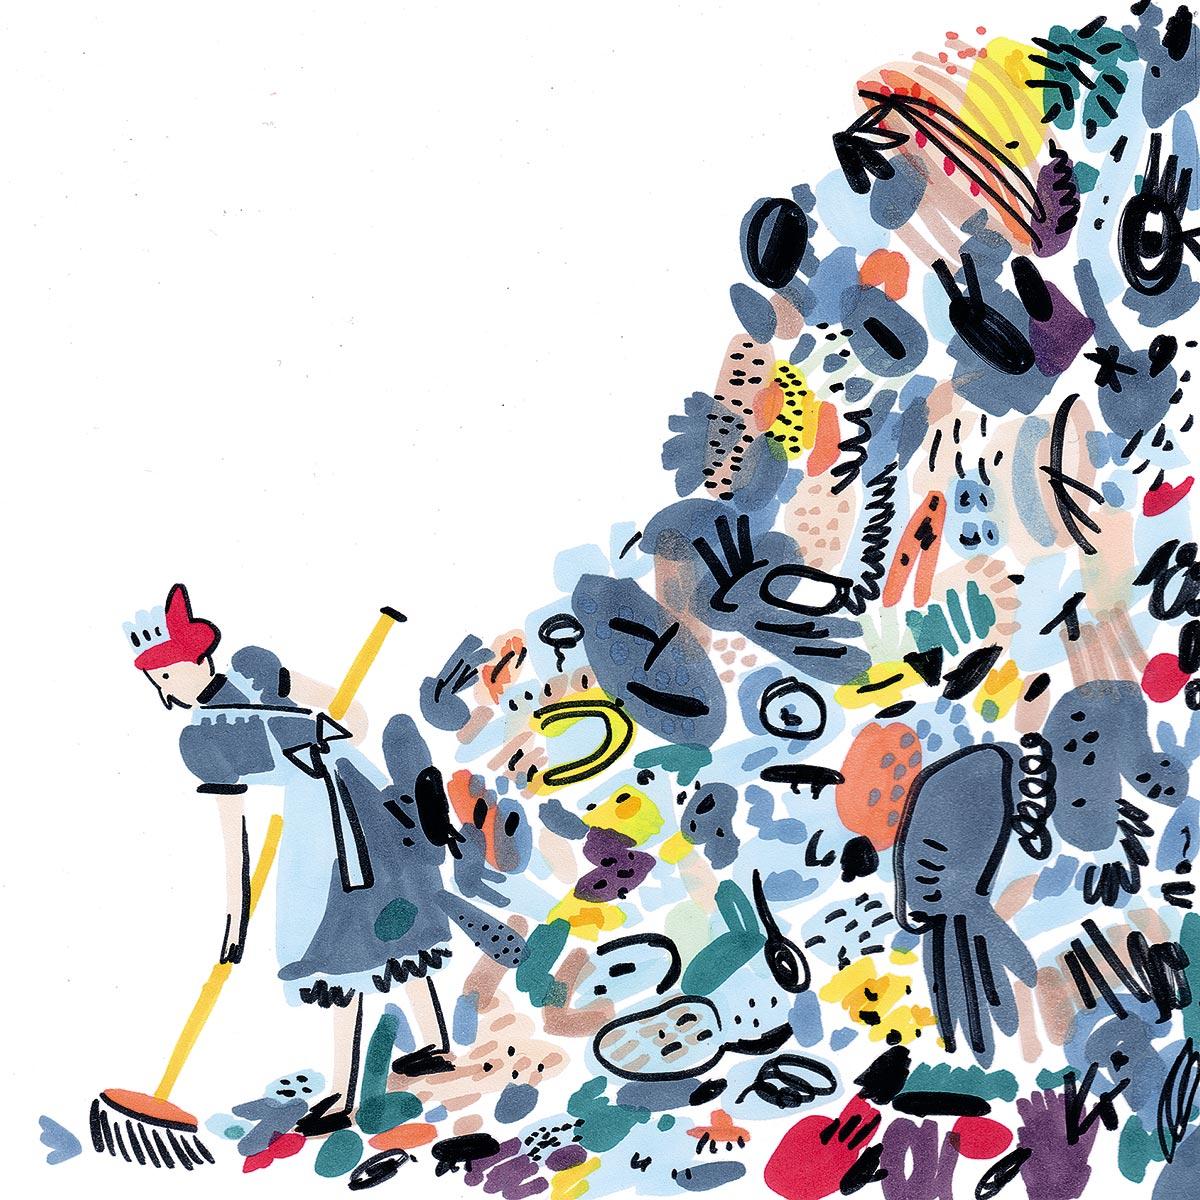 Com'è fatto il caos? Te lo mostrano gli illustratori selezionati da Tapirulan